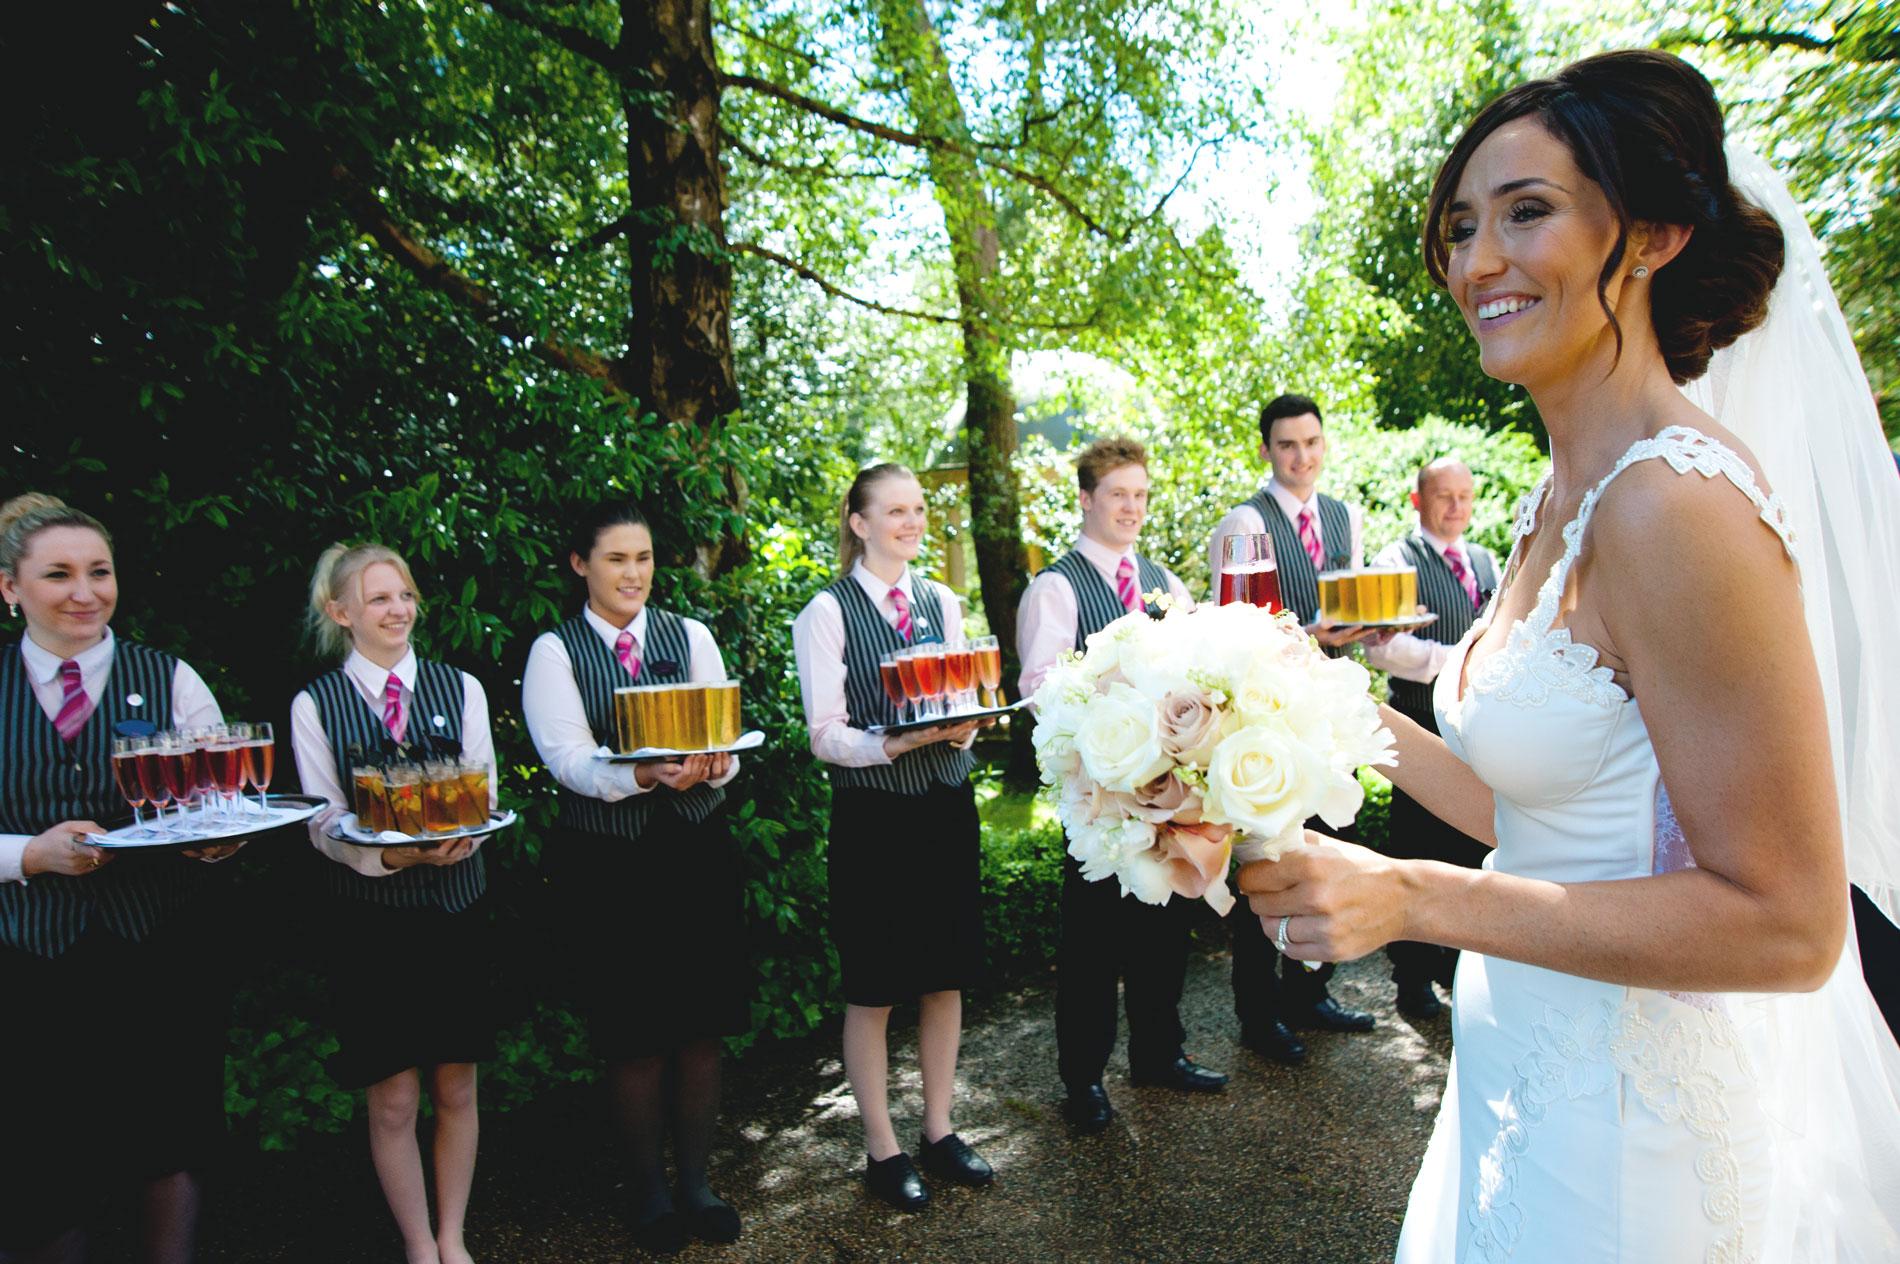 Kilworth-weddings-_59.jpg